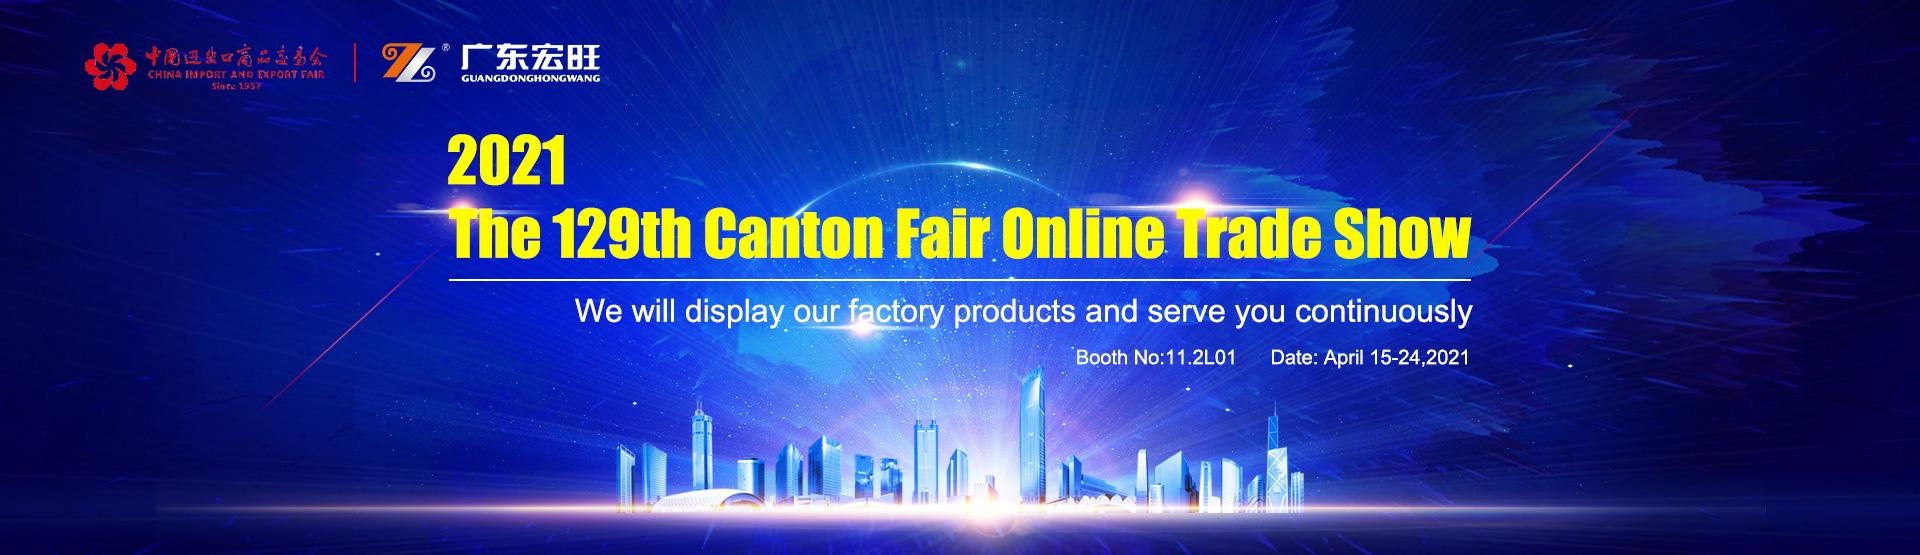 2021 The 129 Canton Fair Online Trade Show